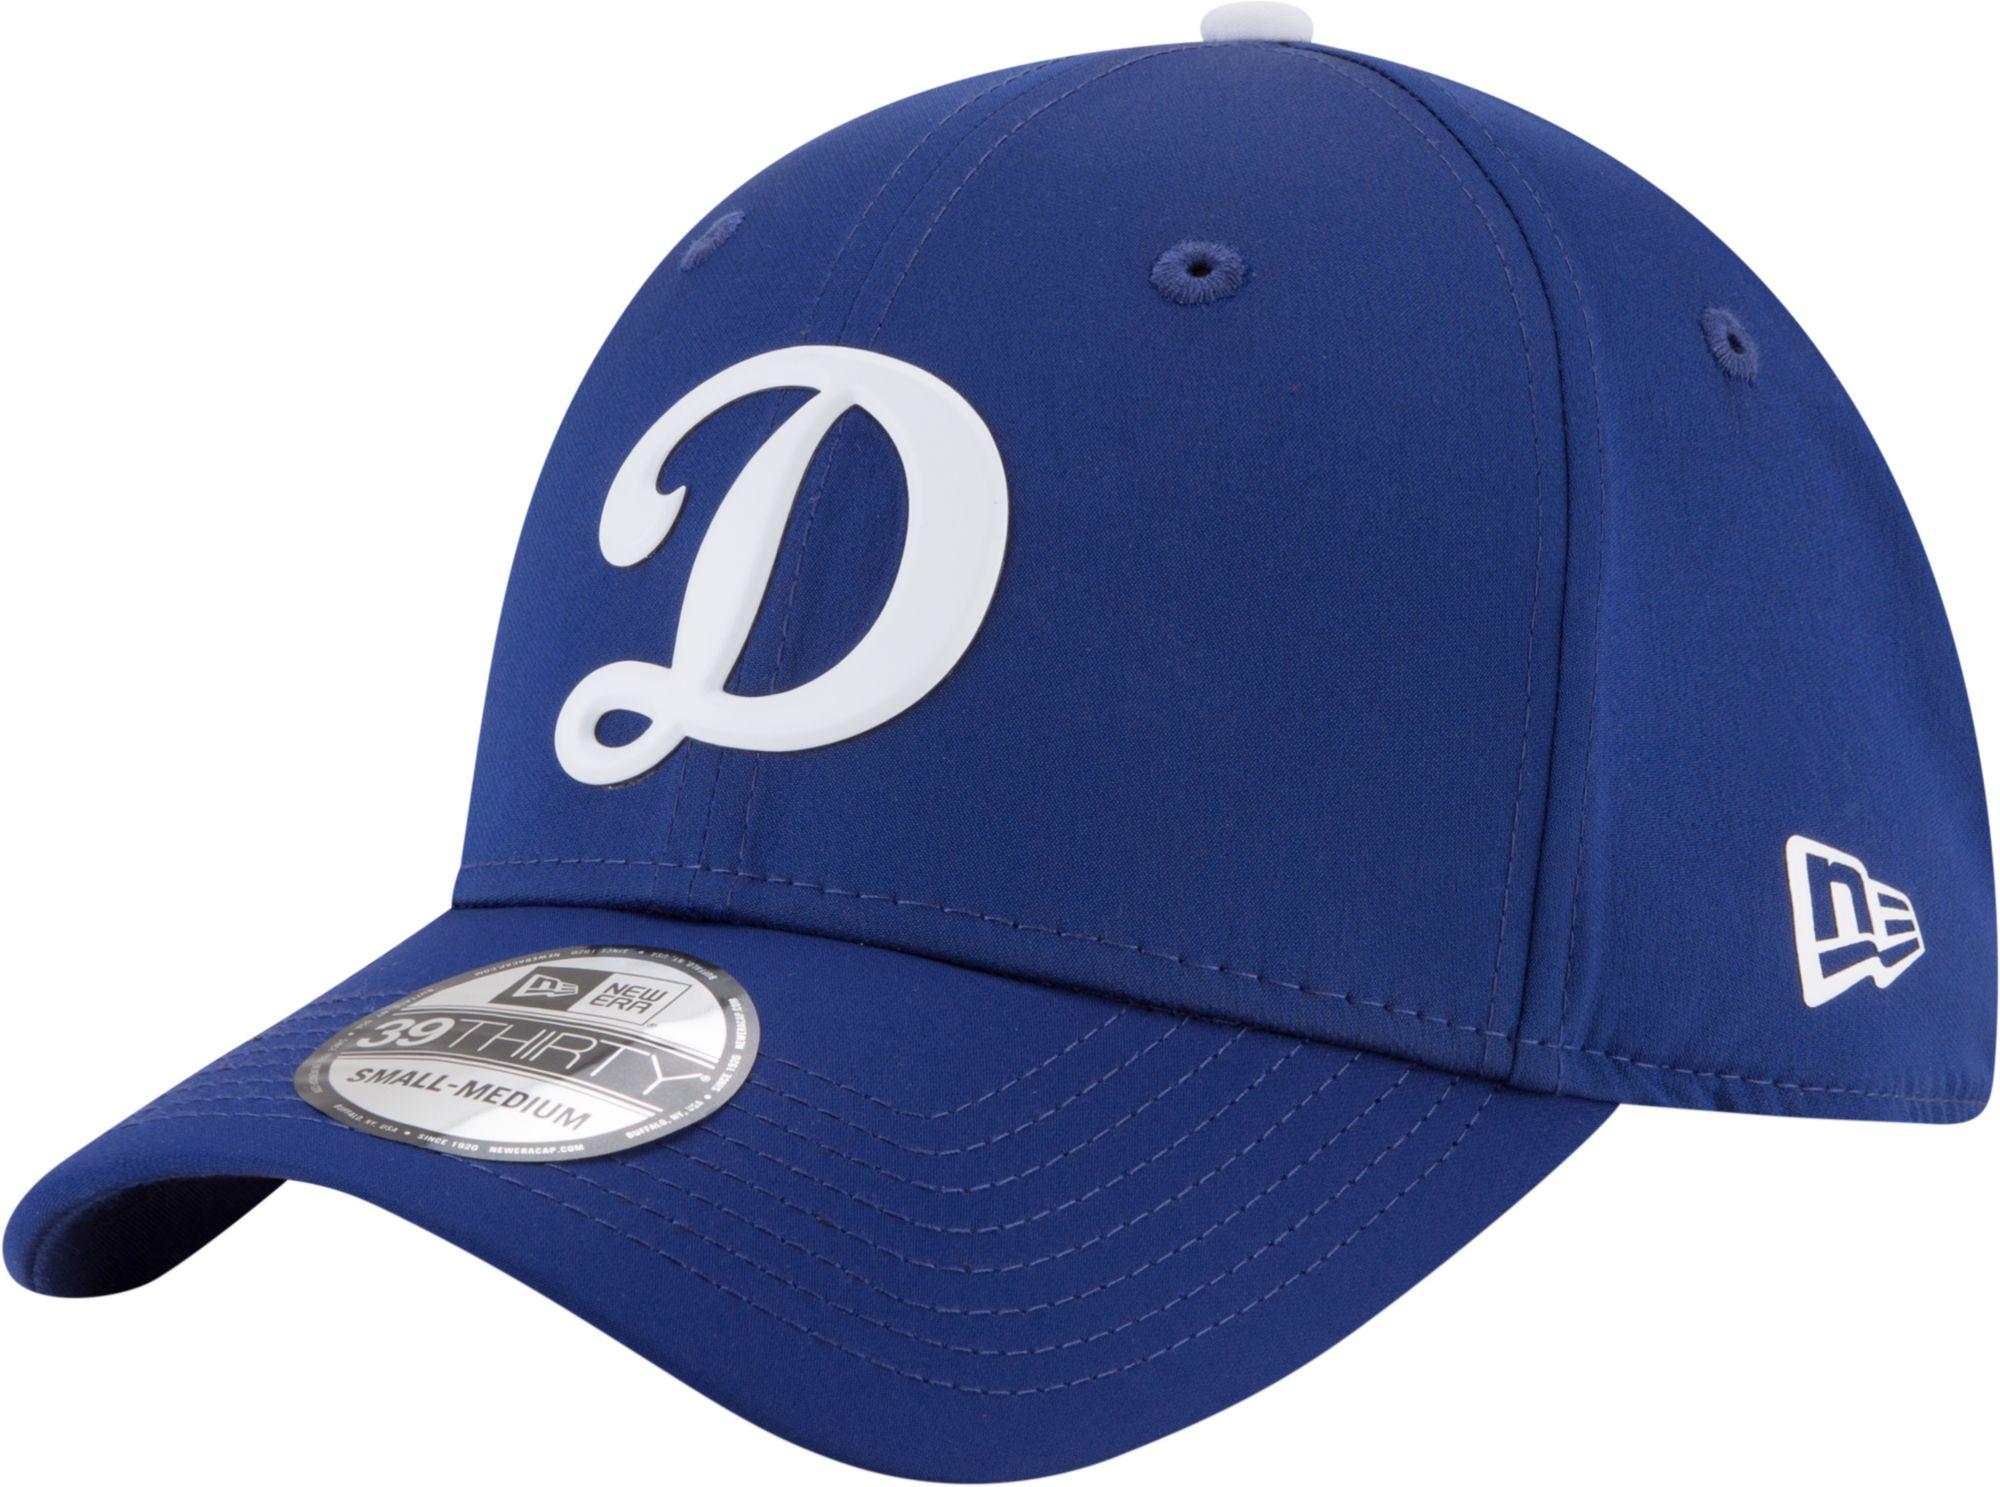 promo code for los angeles dodgers hats new era values 07ff1 89c2b 9d29d24ff4da